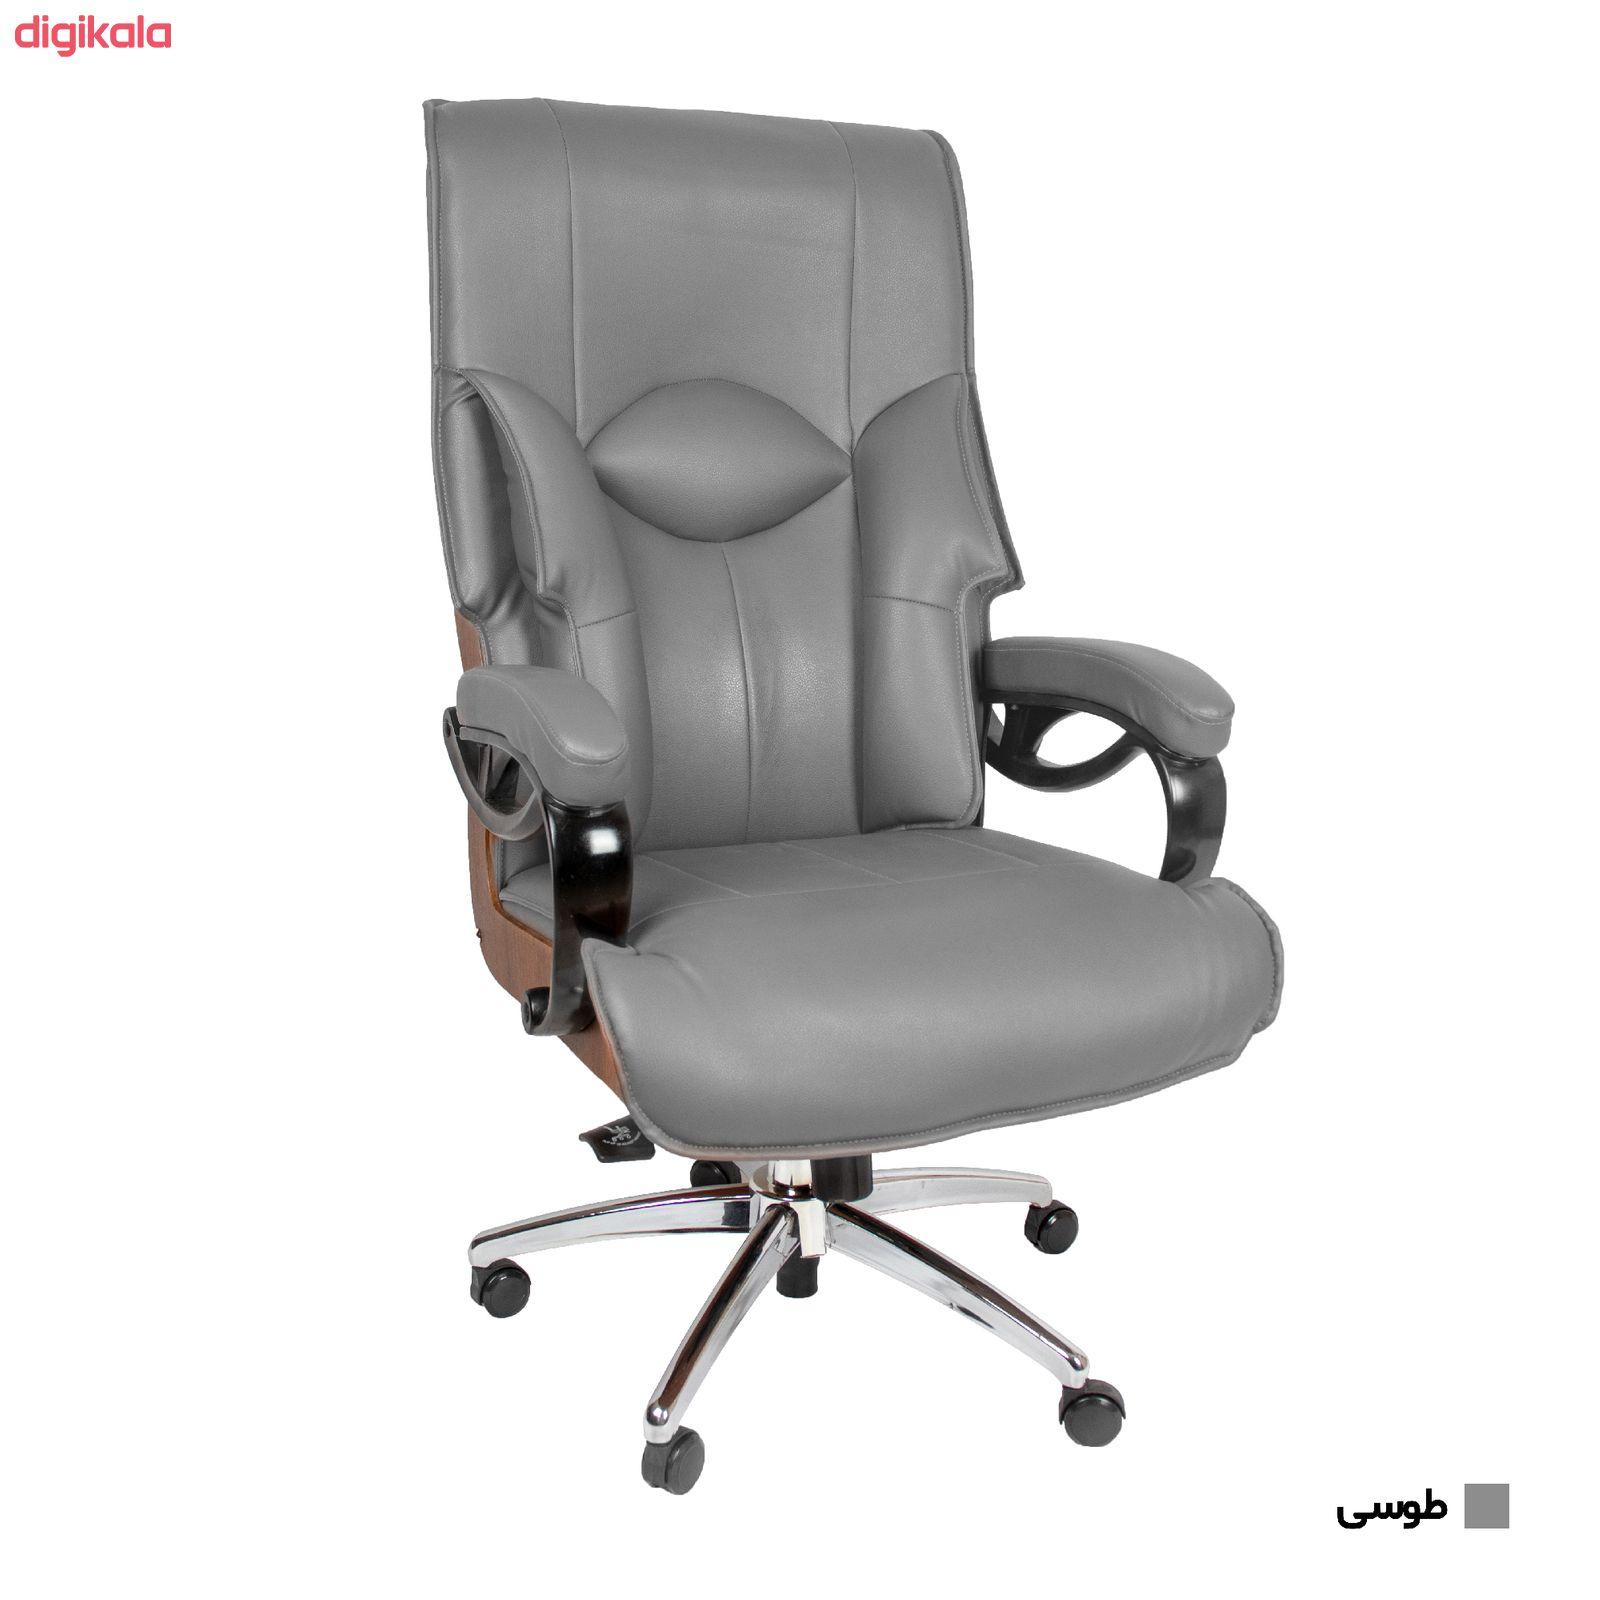 صندلی اداری آرکانو کد M900D main 1 13